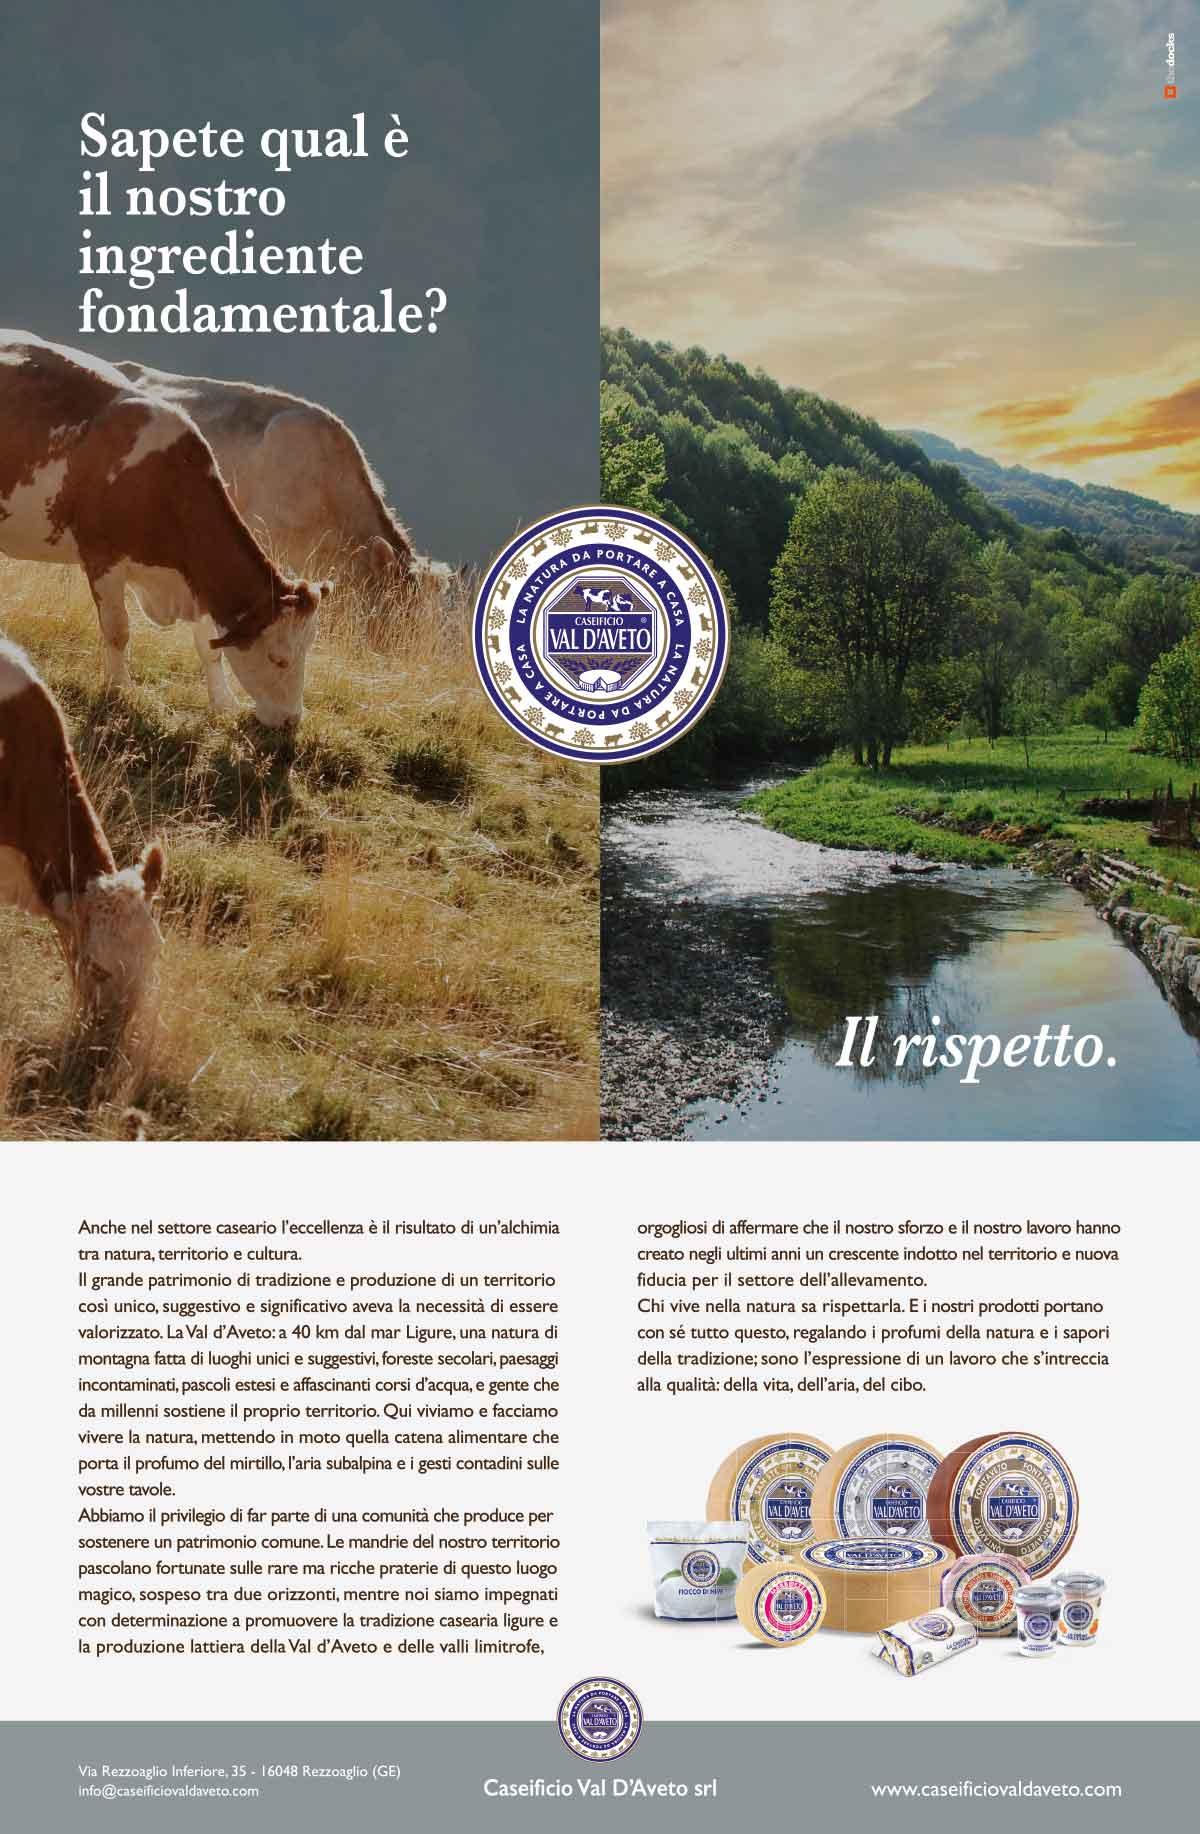 Campagna stampa Caseificio Val d'Aveto